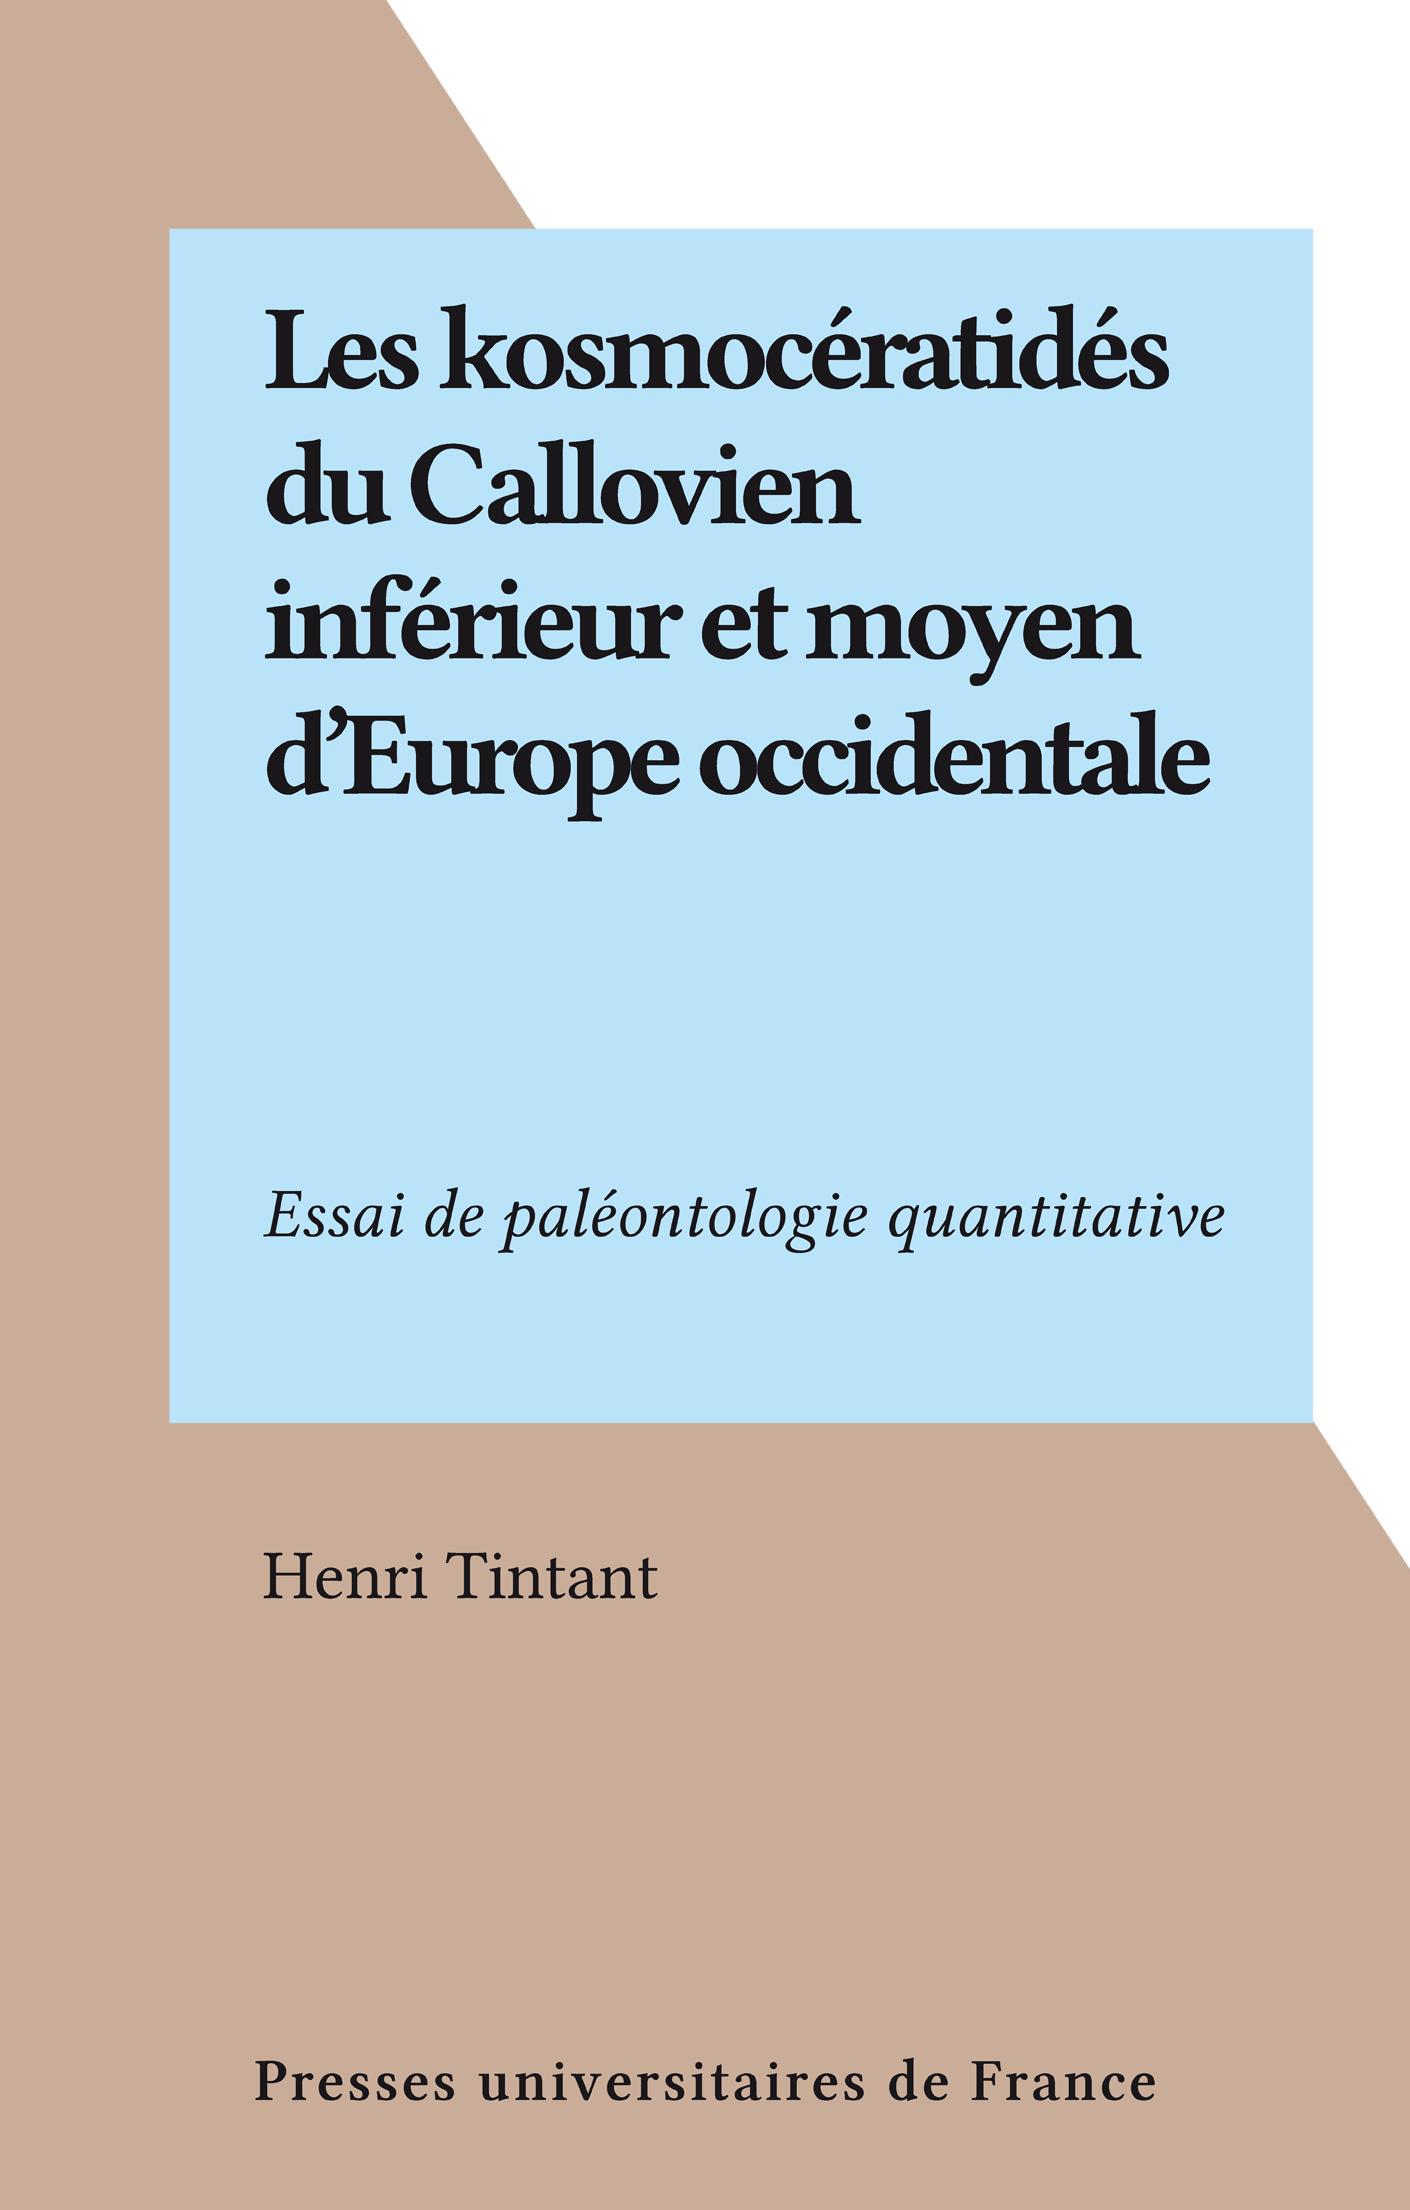 Les kosmocératidés du Callovien inférieur et moyen d'Europe occidentale, ESSAI DE PALÉONTOLOGIE QUANTITATIVE